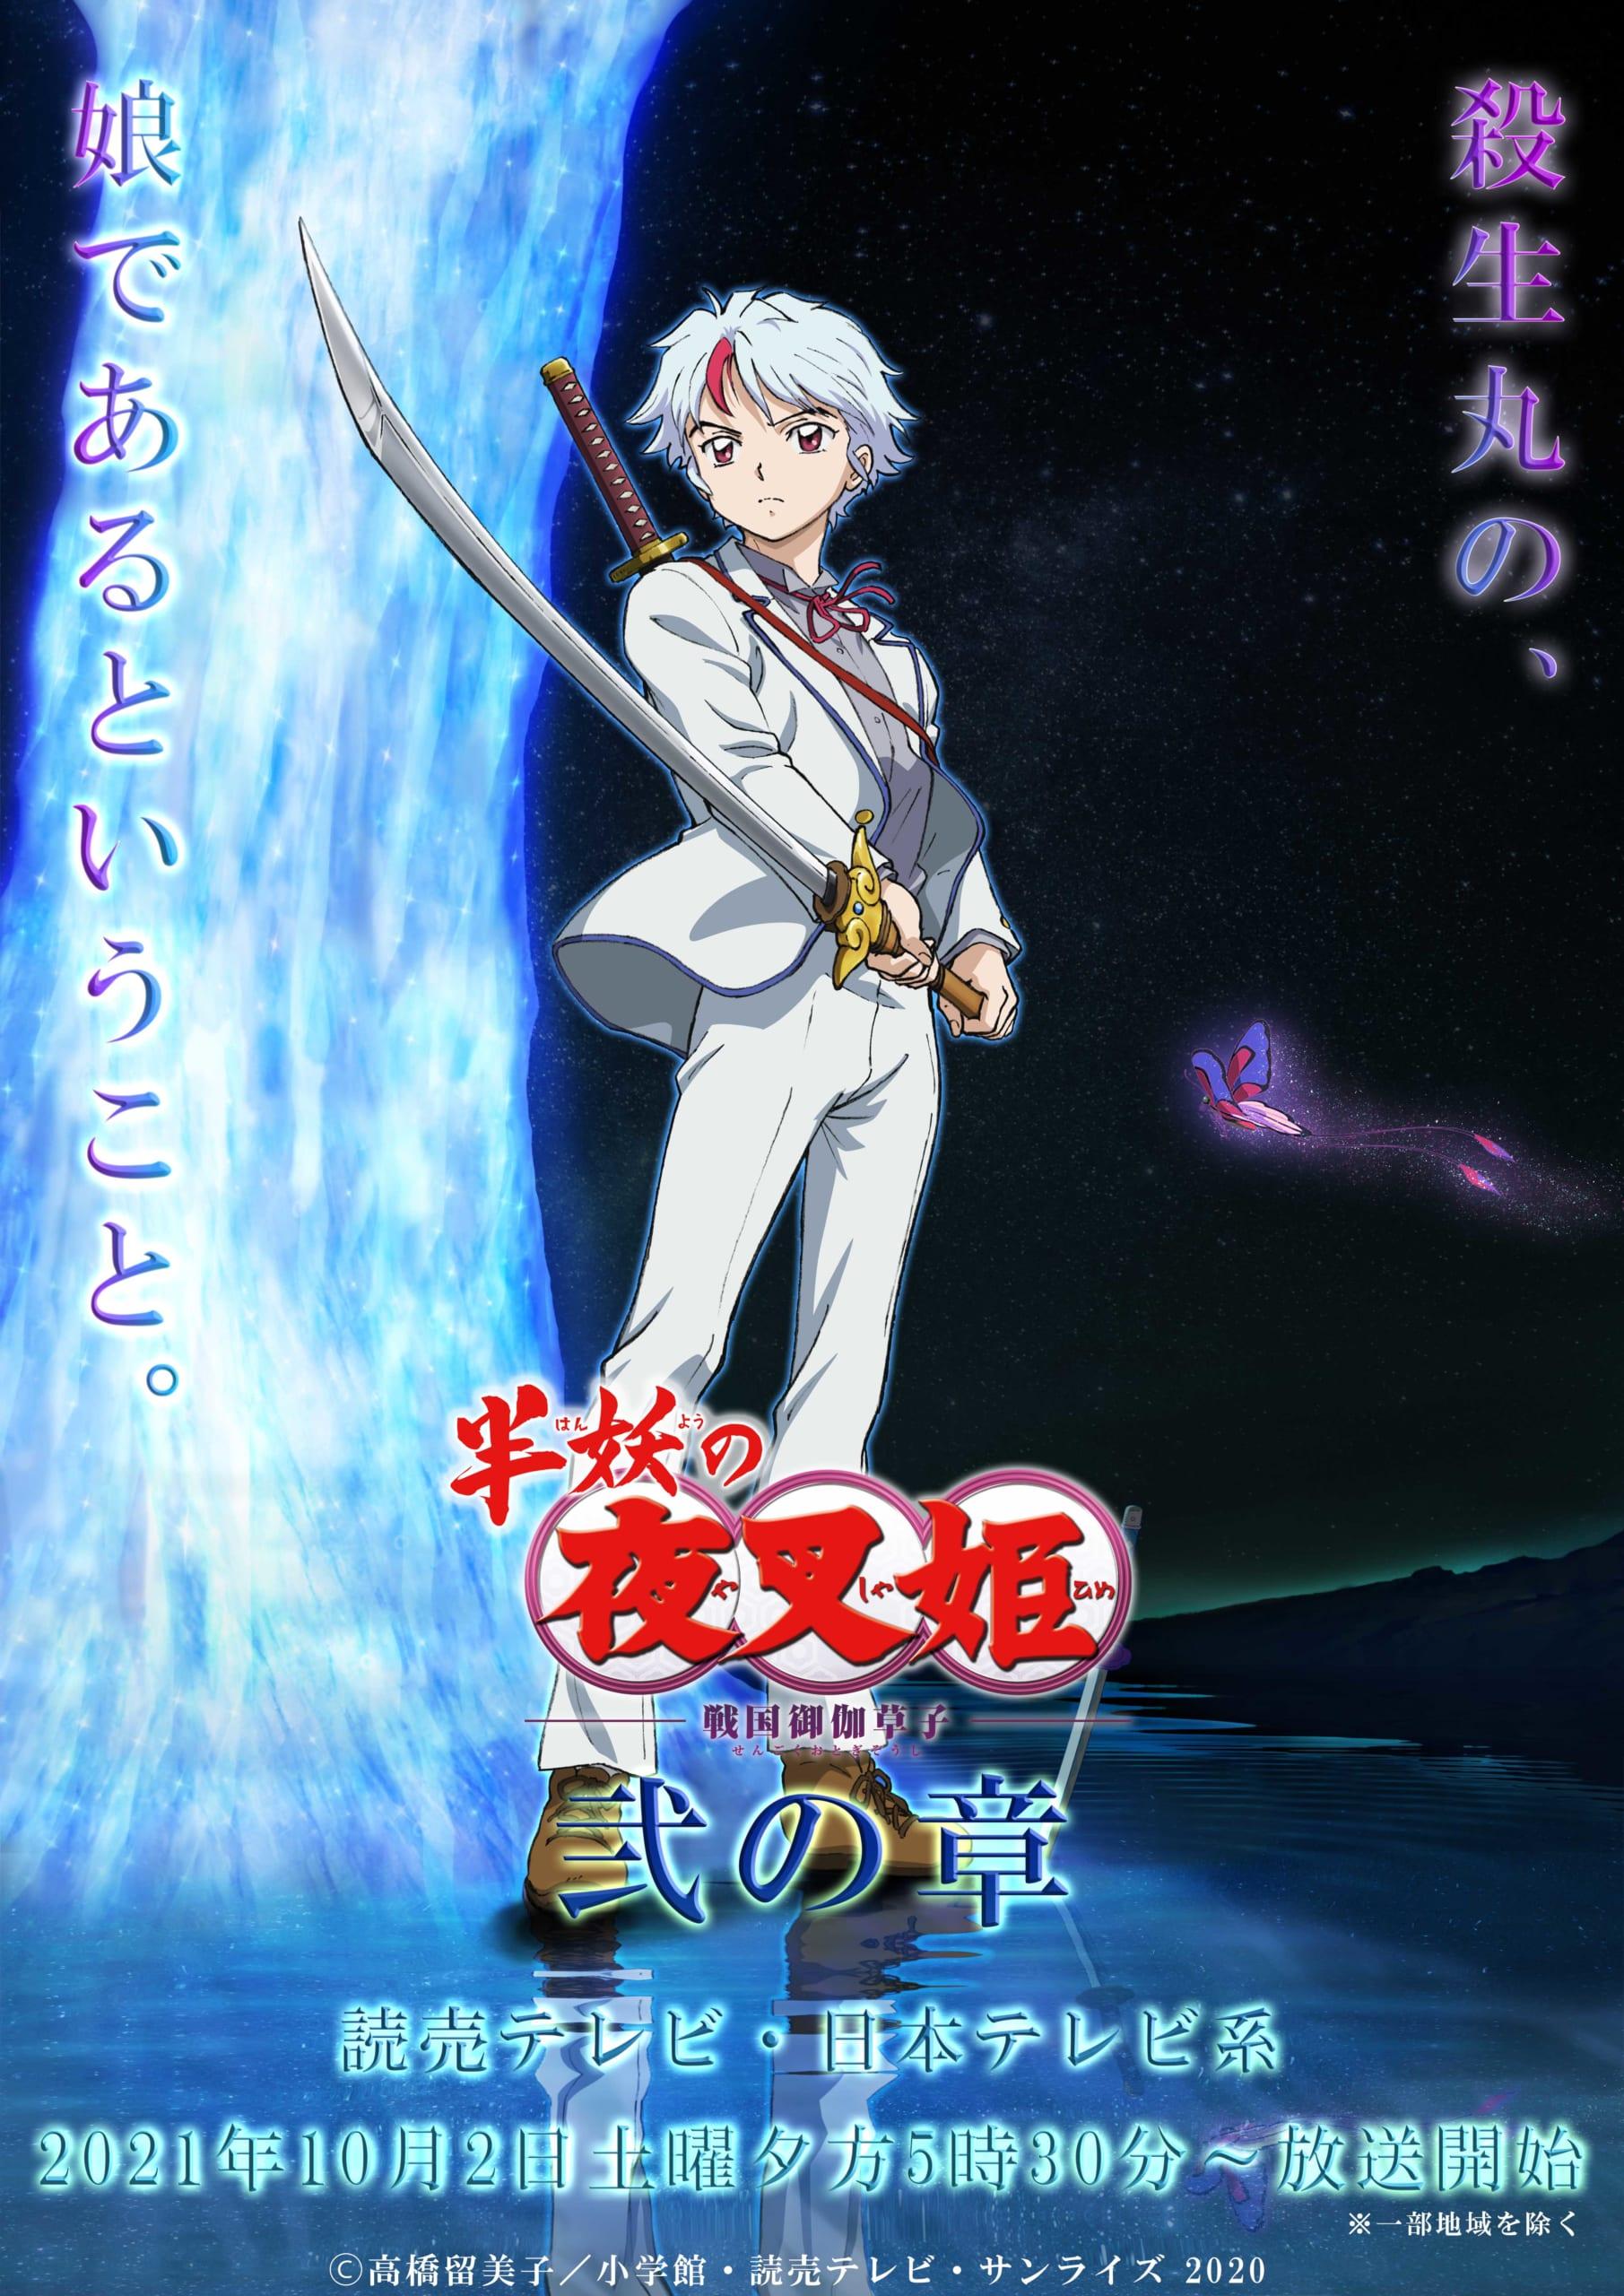 「半妖の夜叉姫 弐の章」は今秋放送&OPはNEWSが担当!パワーアップした展示会も